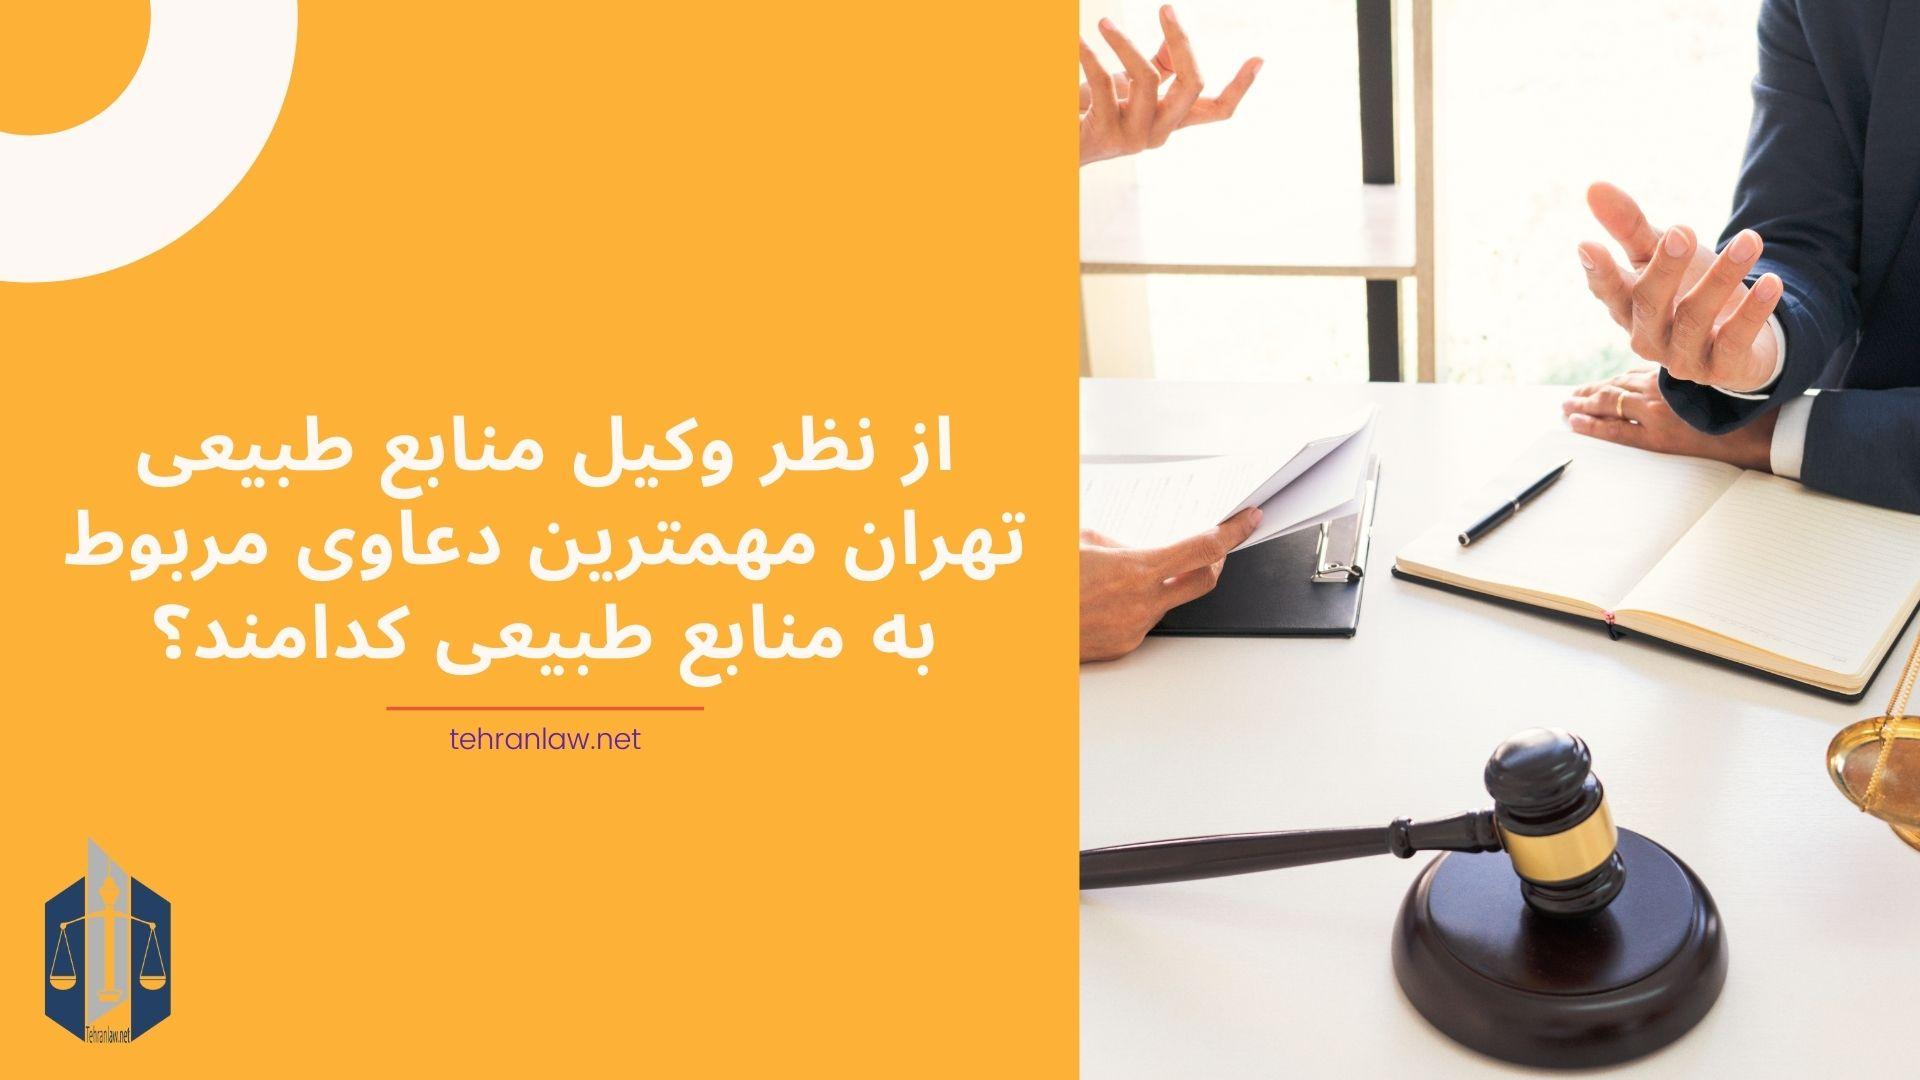 از نظر وکیل منابع طبیعی تهران مهمترین دعاوی مربوط به منابع طبیعی کدامند؟